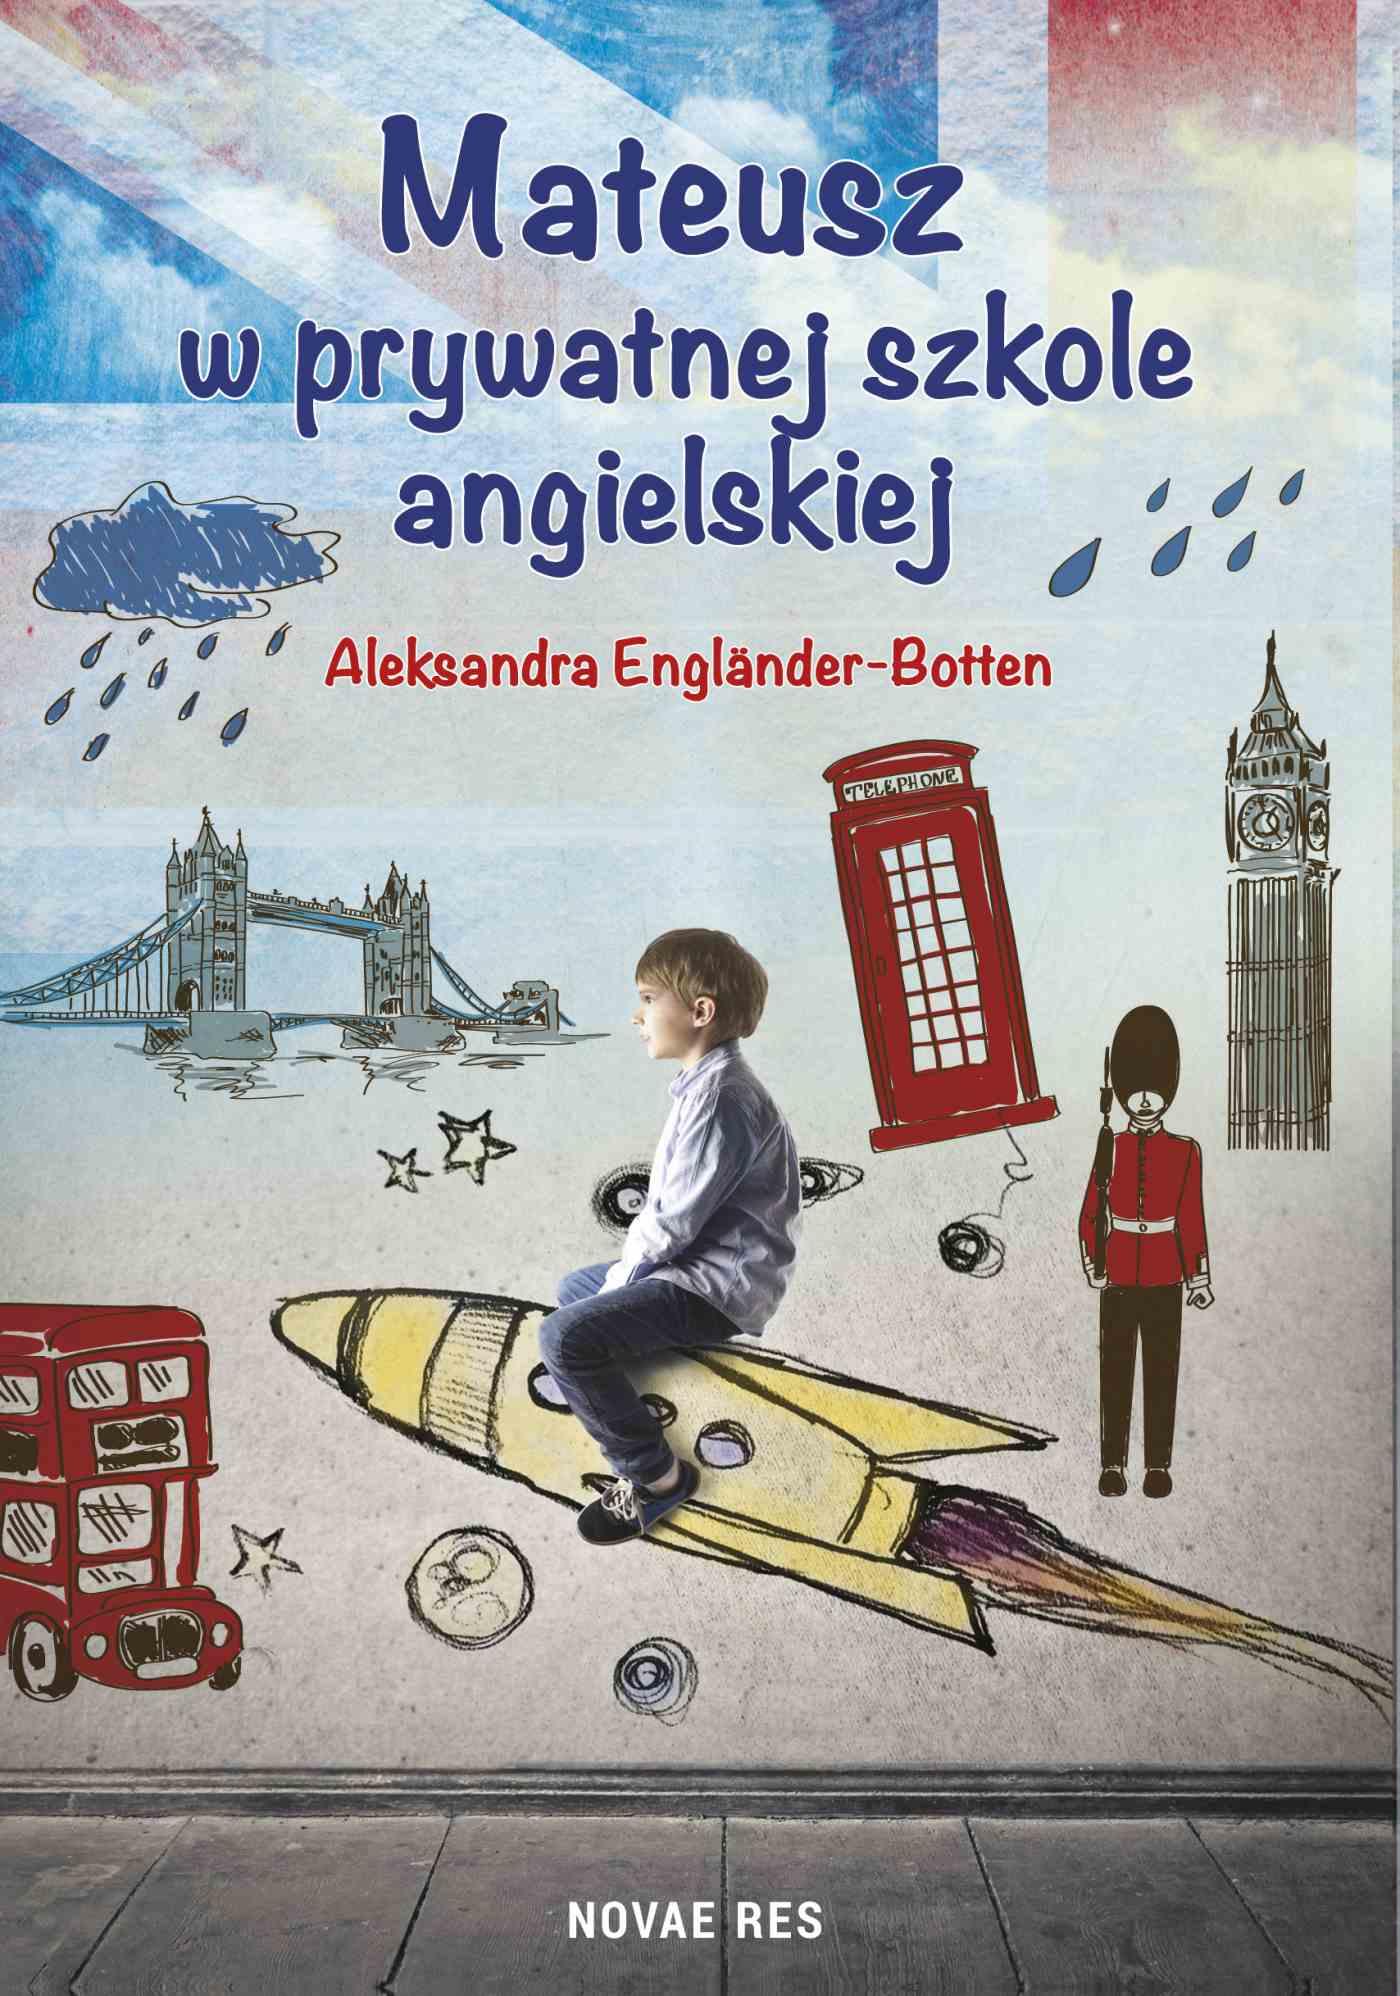 Mateusz w prywatnej szkole angielskiej - Ebook (Książka EPUB) do pobrania w formacie EPUB